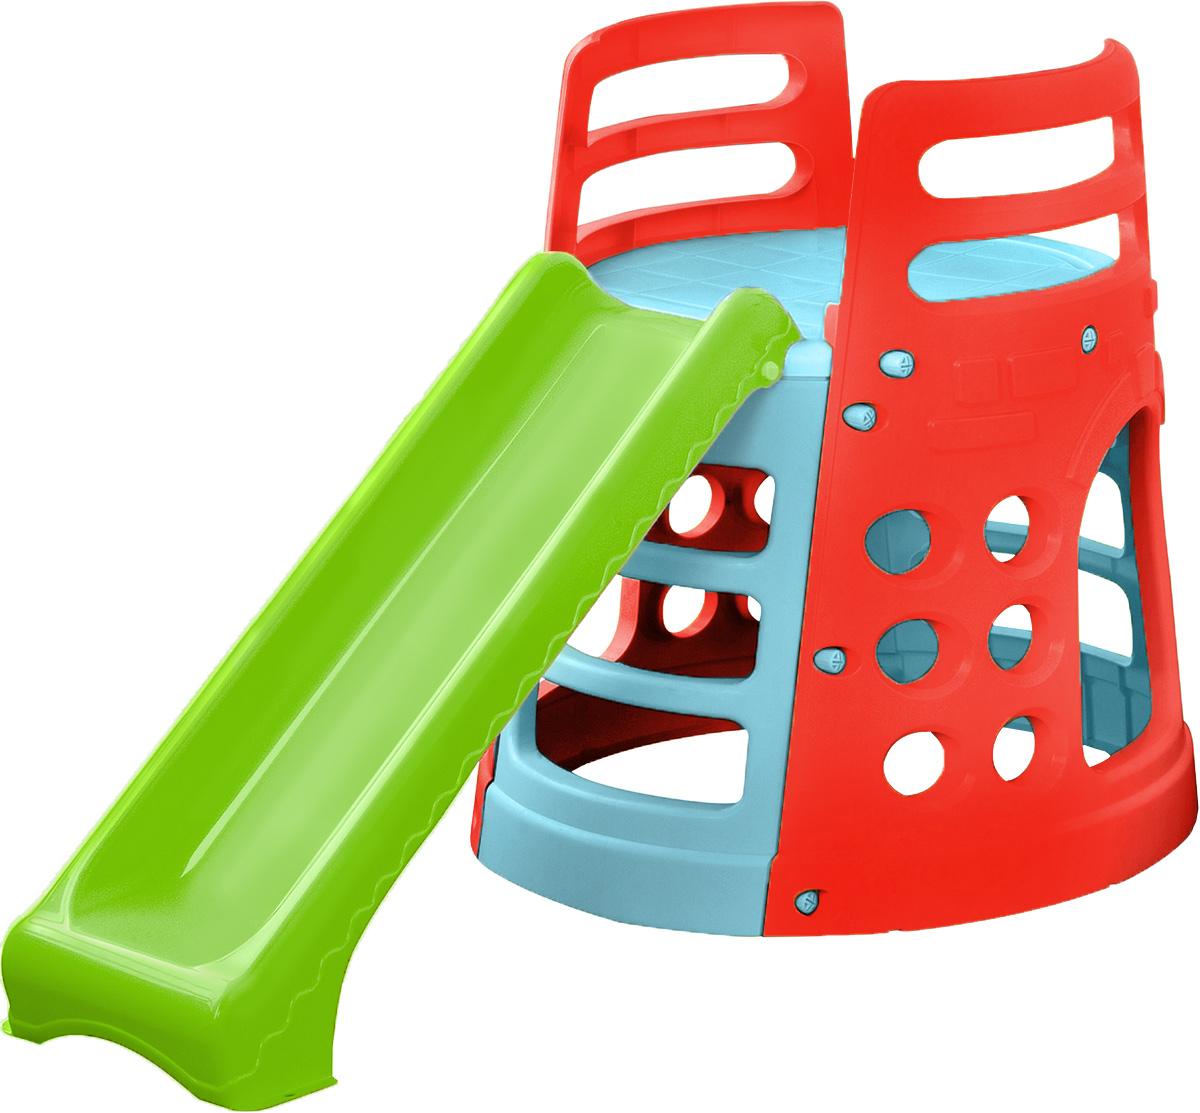 PalPlay Детская горка Башня377Кататься с горки - одно из самых любимых развлечений детей всех возрастов. Детская горка PalPlay занимает мало места, легко собирается и разбирается. Благодаря тому, что пластик, из которого сделана горка, устойчив к воздействию солнечных лучей и других природных явлений, использовать горку можно не только дома, но и на улице. Горка оснащена удобной лесенкой с безопасными ступенями, устойчива и надежна. Яркий дизайн обязательно понравится малышу. Горка предназначена для детей от 2 лет и весом до 30 кг.